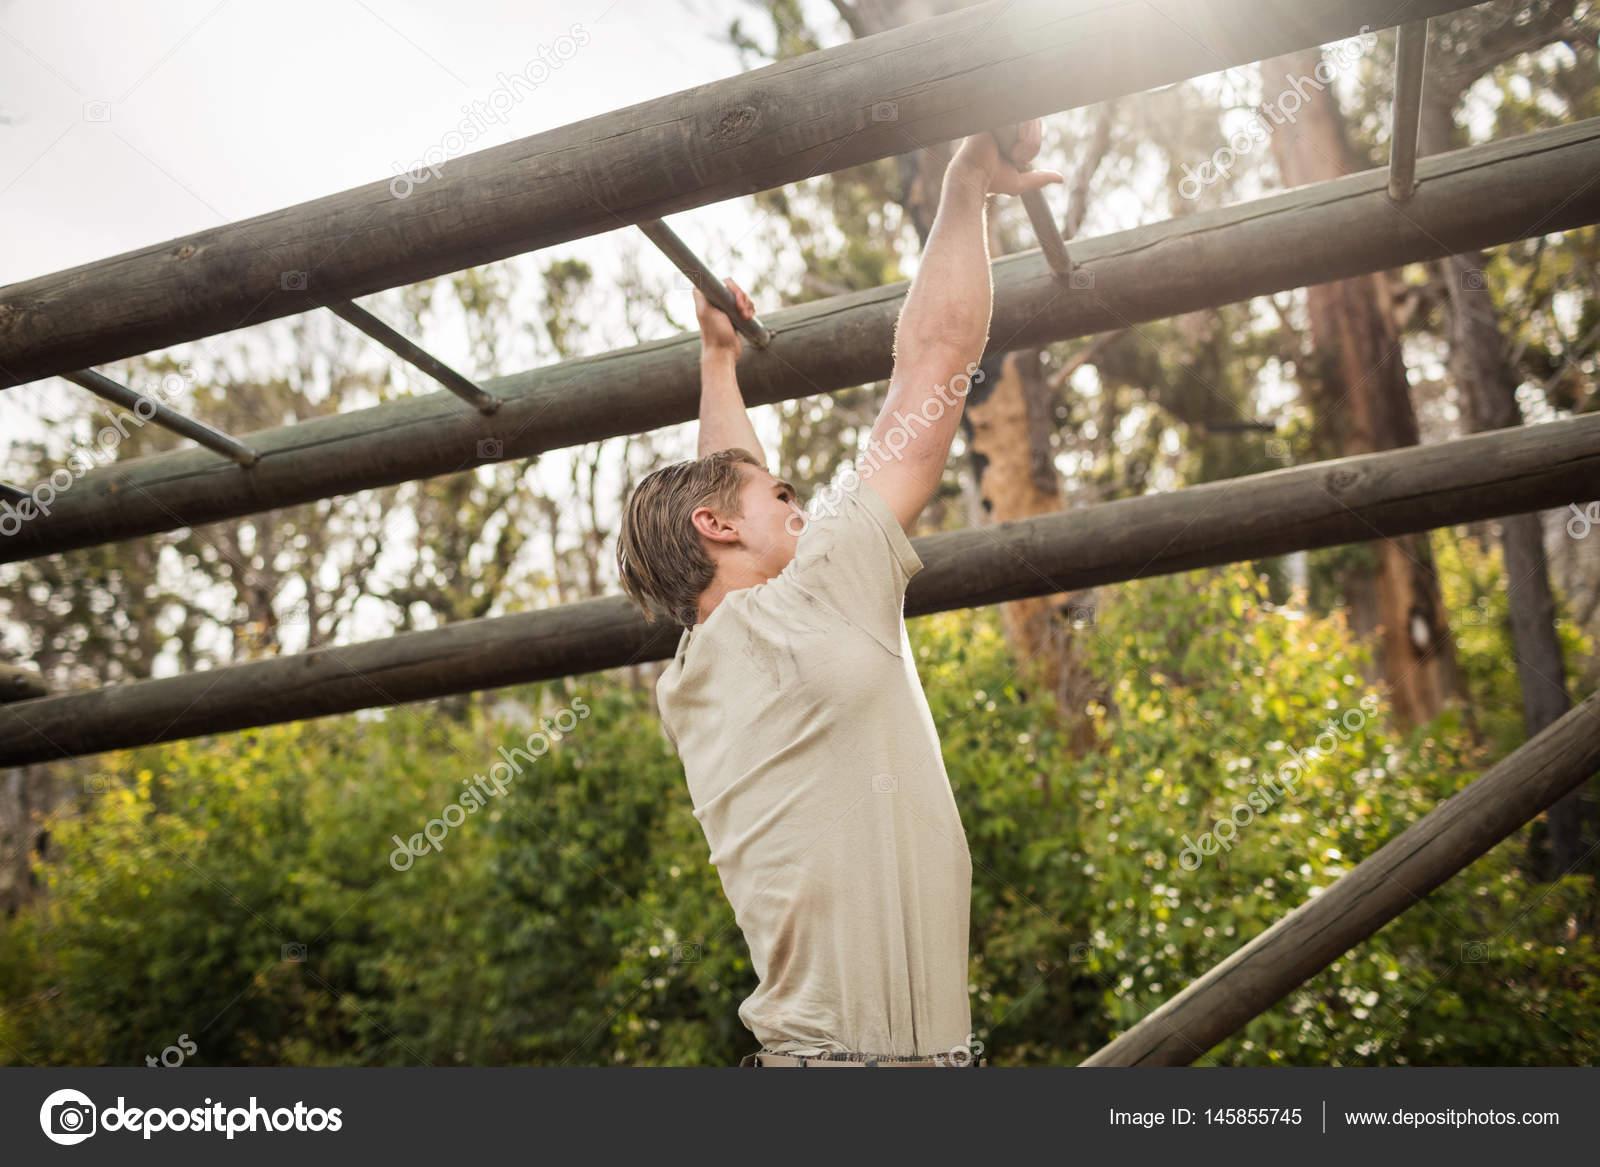 Klettergerüst Boot : Menschen klettergerüst bootcamp hindernis parcours stockfoto bild